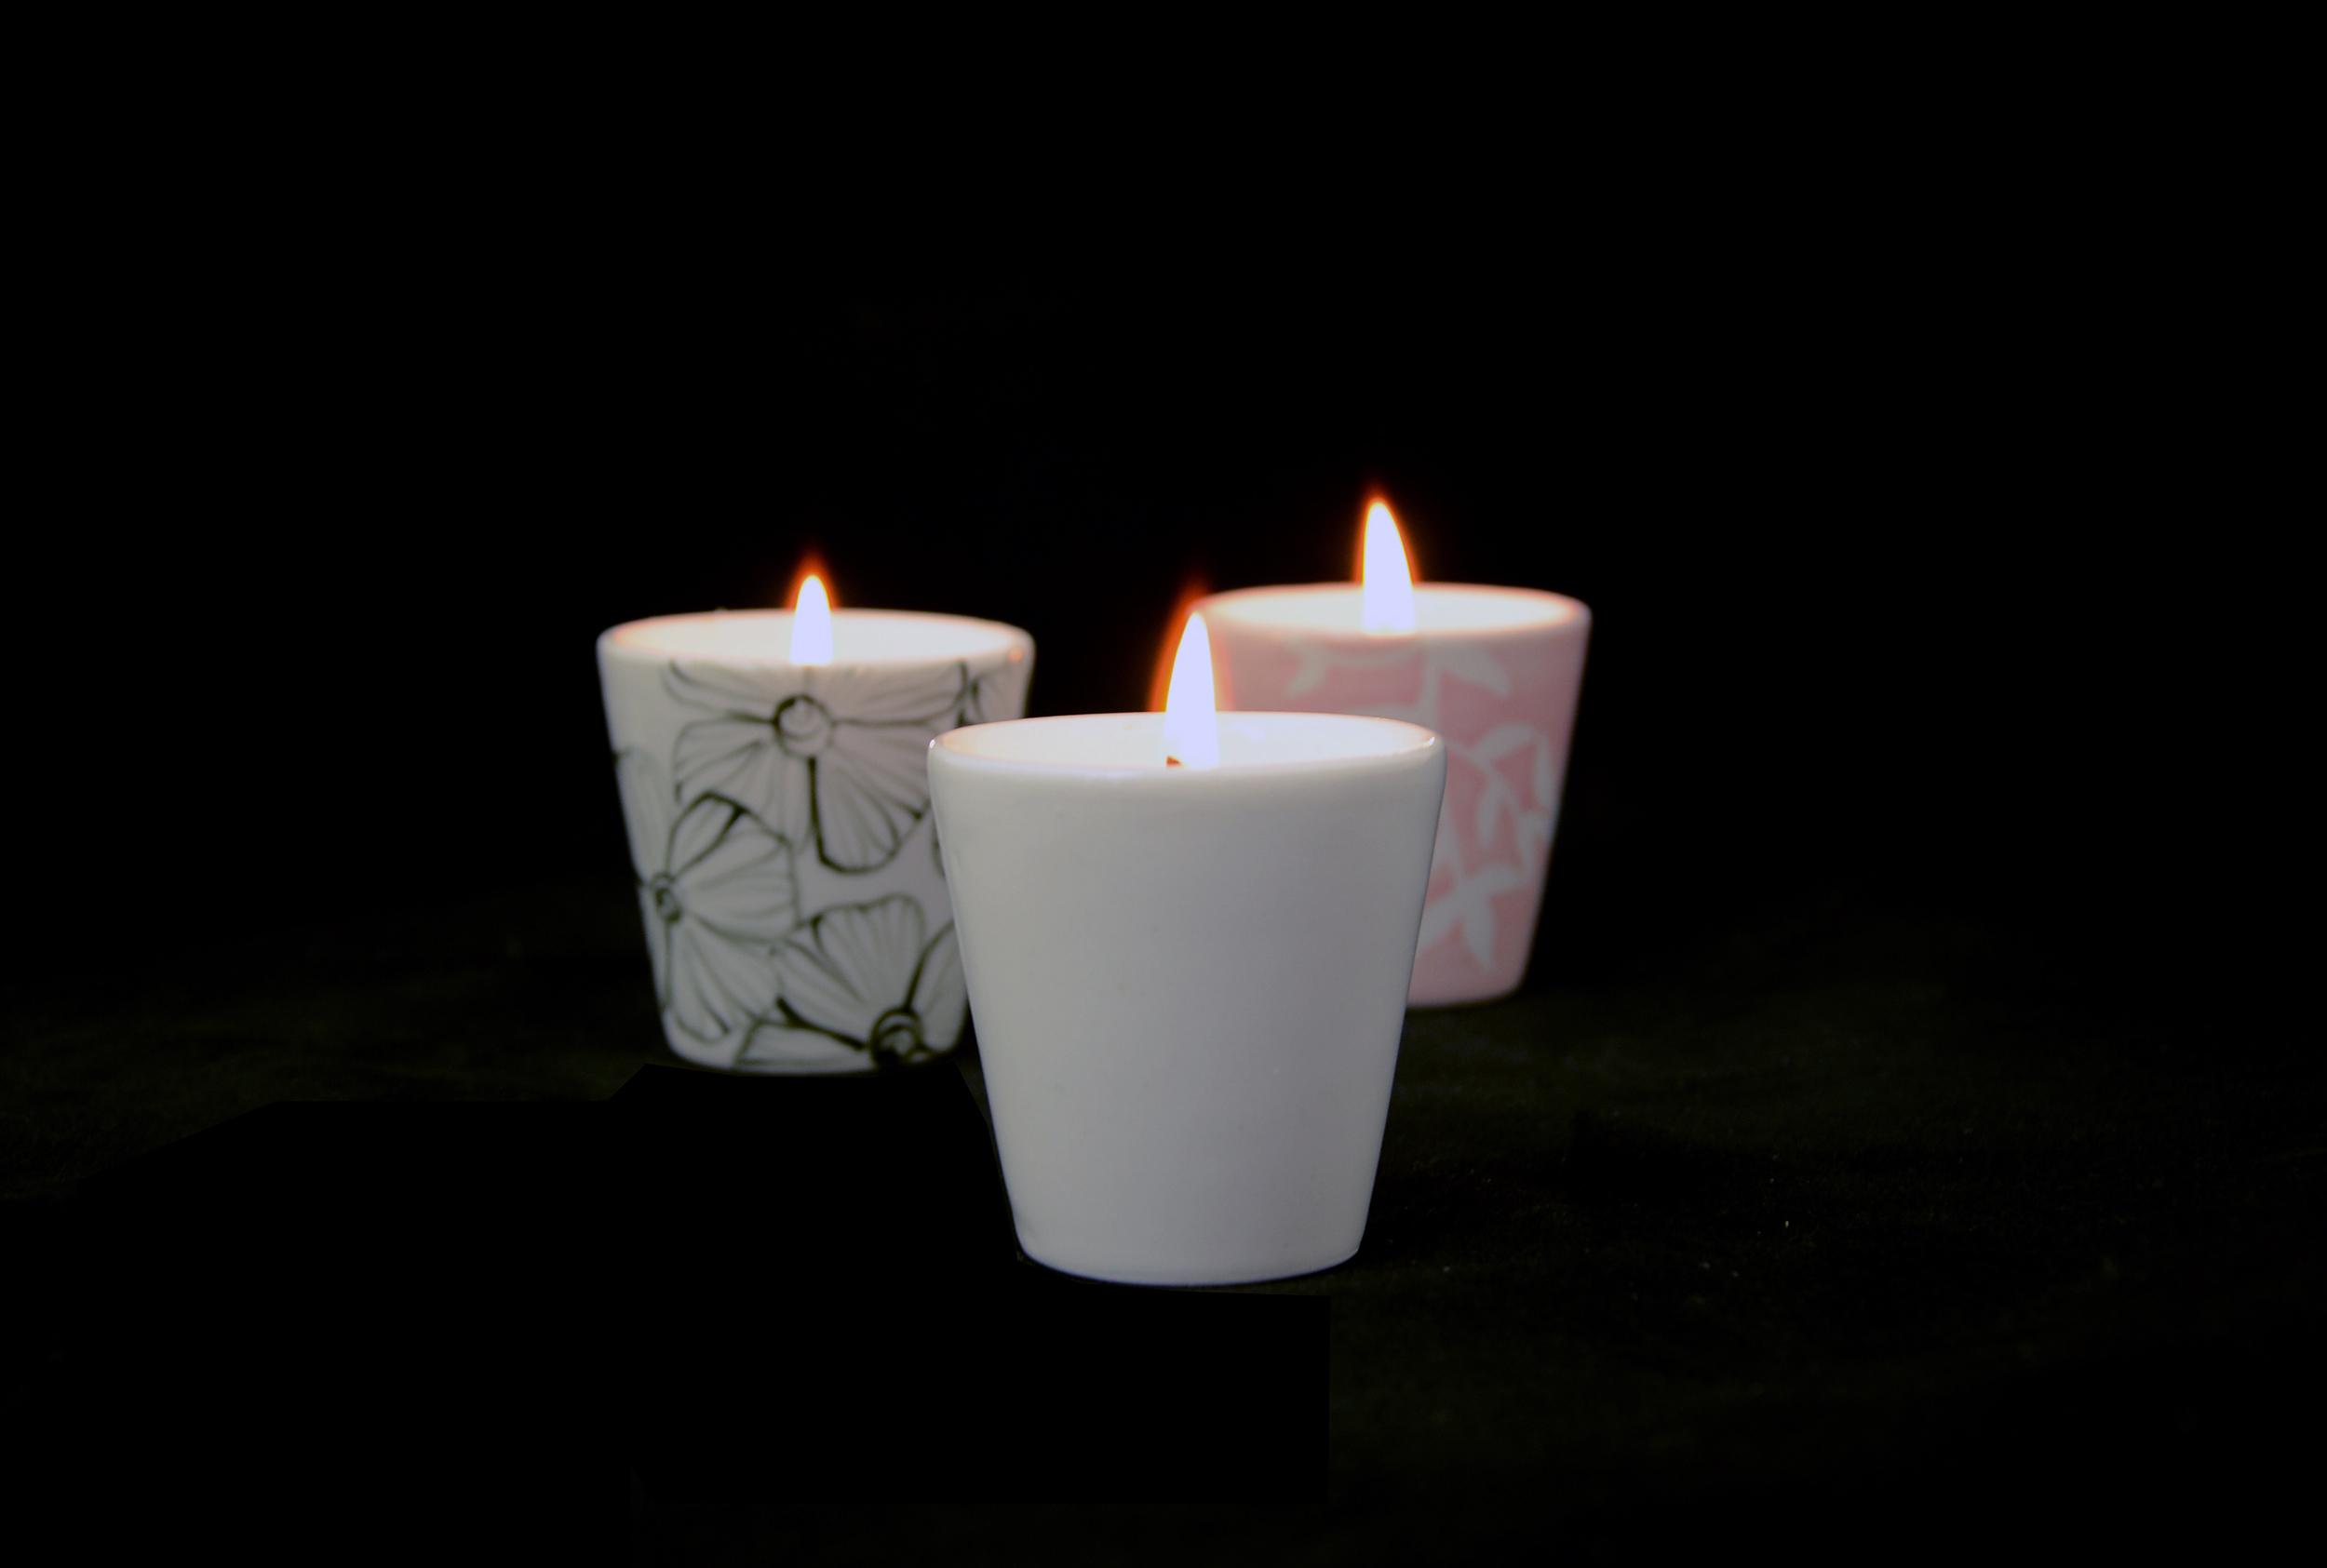 kapula-handmade-filled-ceramic-candle-three.jpg